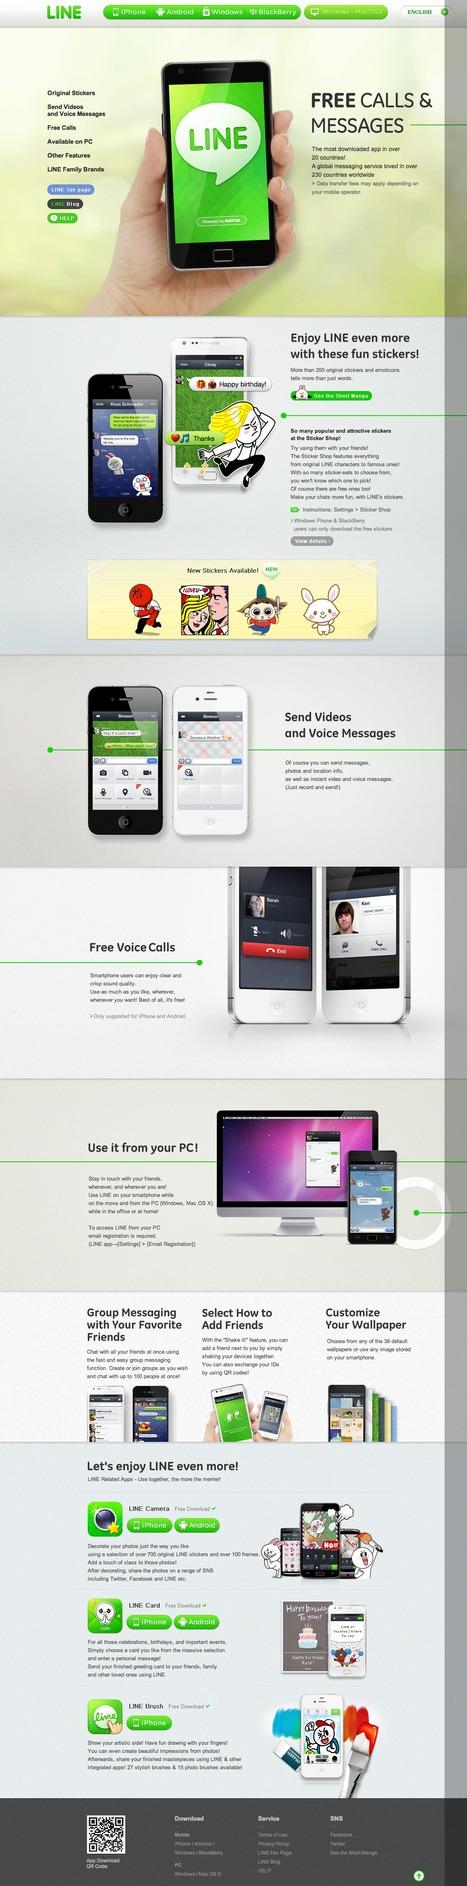 LINE - Free SMS, Free Voice call messenger application - LINE, una gran alternativa a WhatsApp con cliente para smartphone, tablet y ordenador | Curiosidades de la Red | Scoop.it